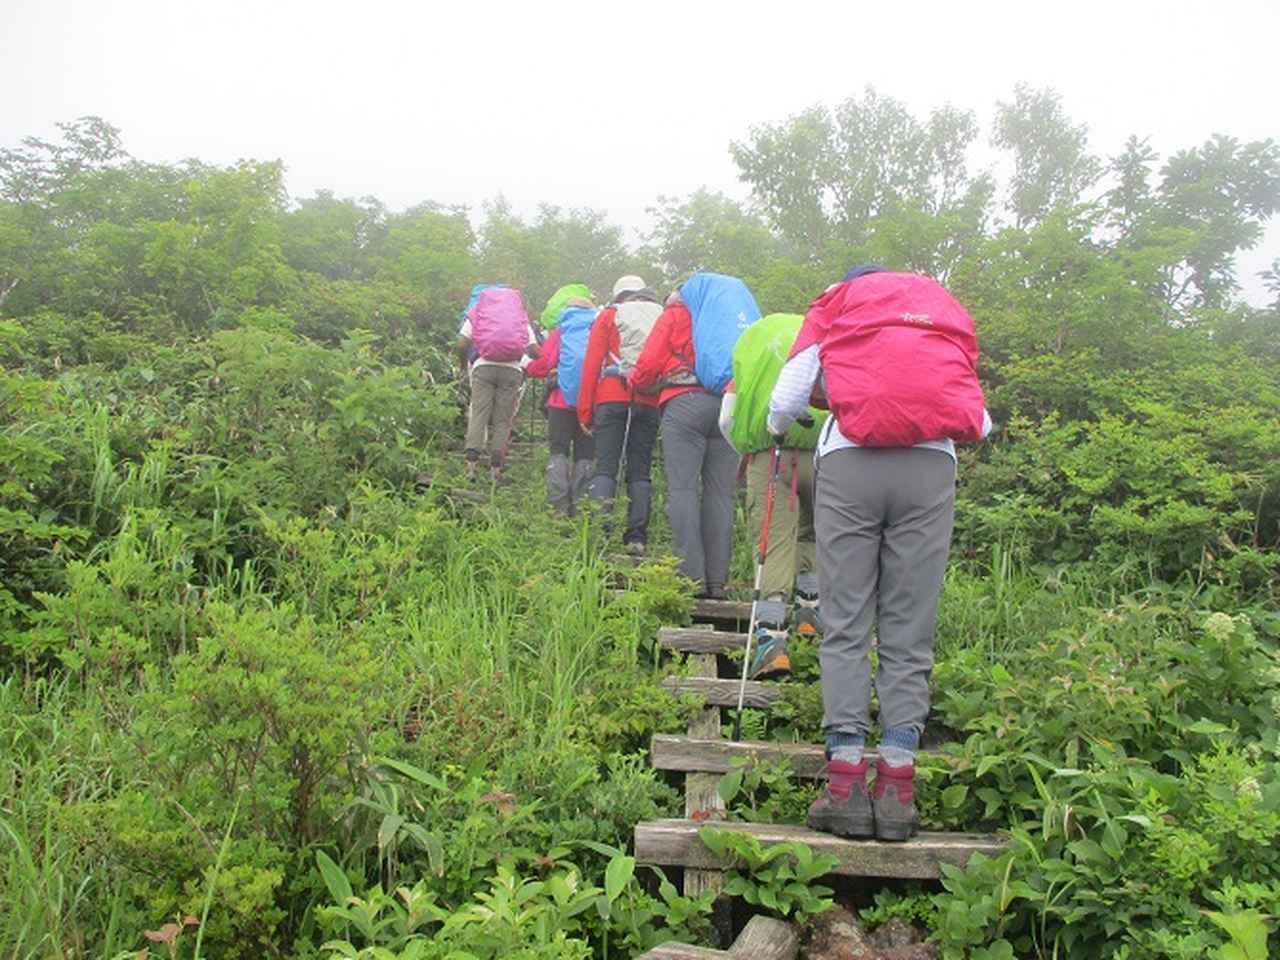 画像3: 7月16日より2泊3日で山旅会 「三国山と苗場山」 ツアーに行ってきました!